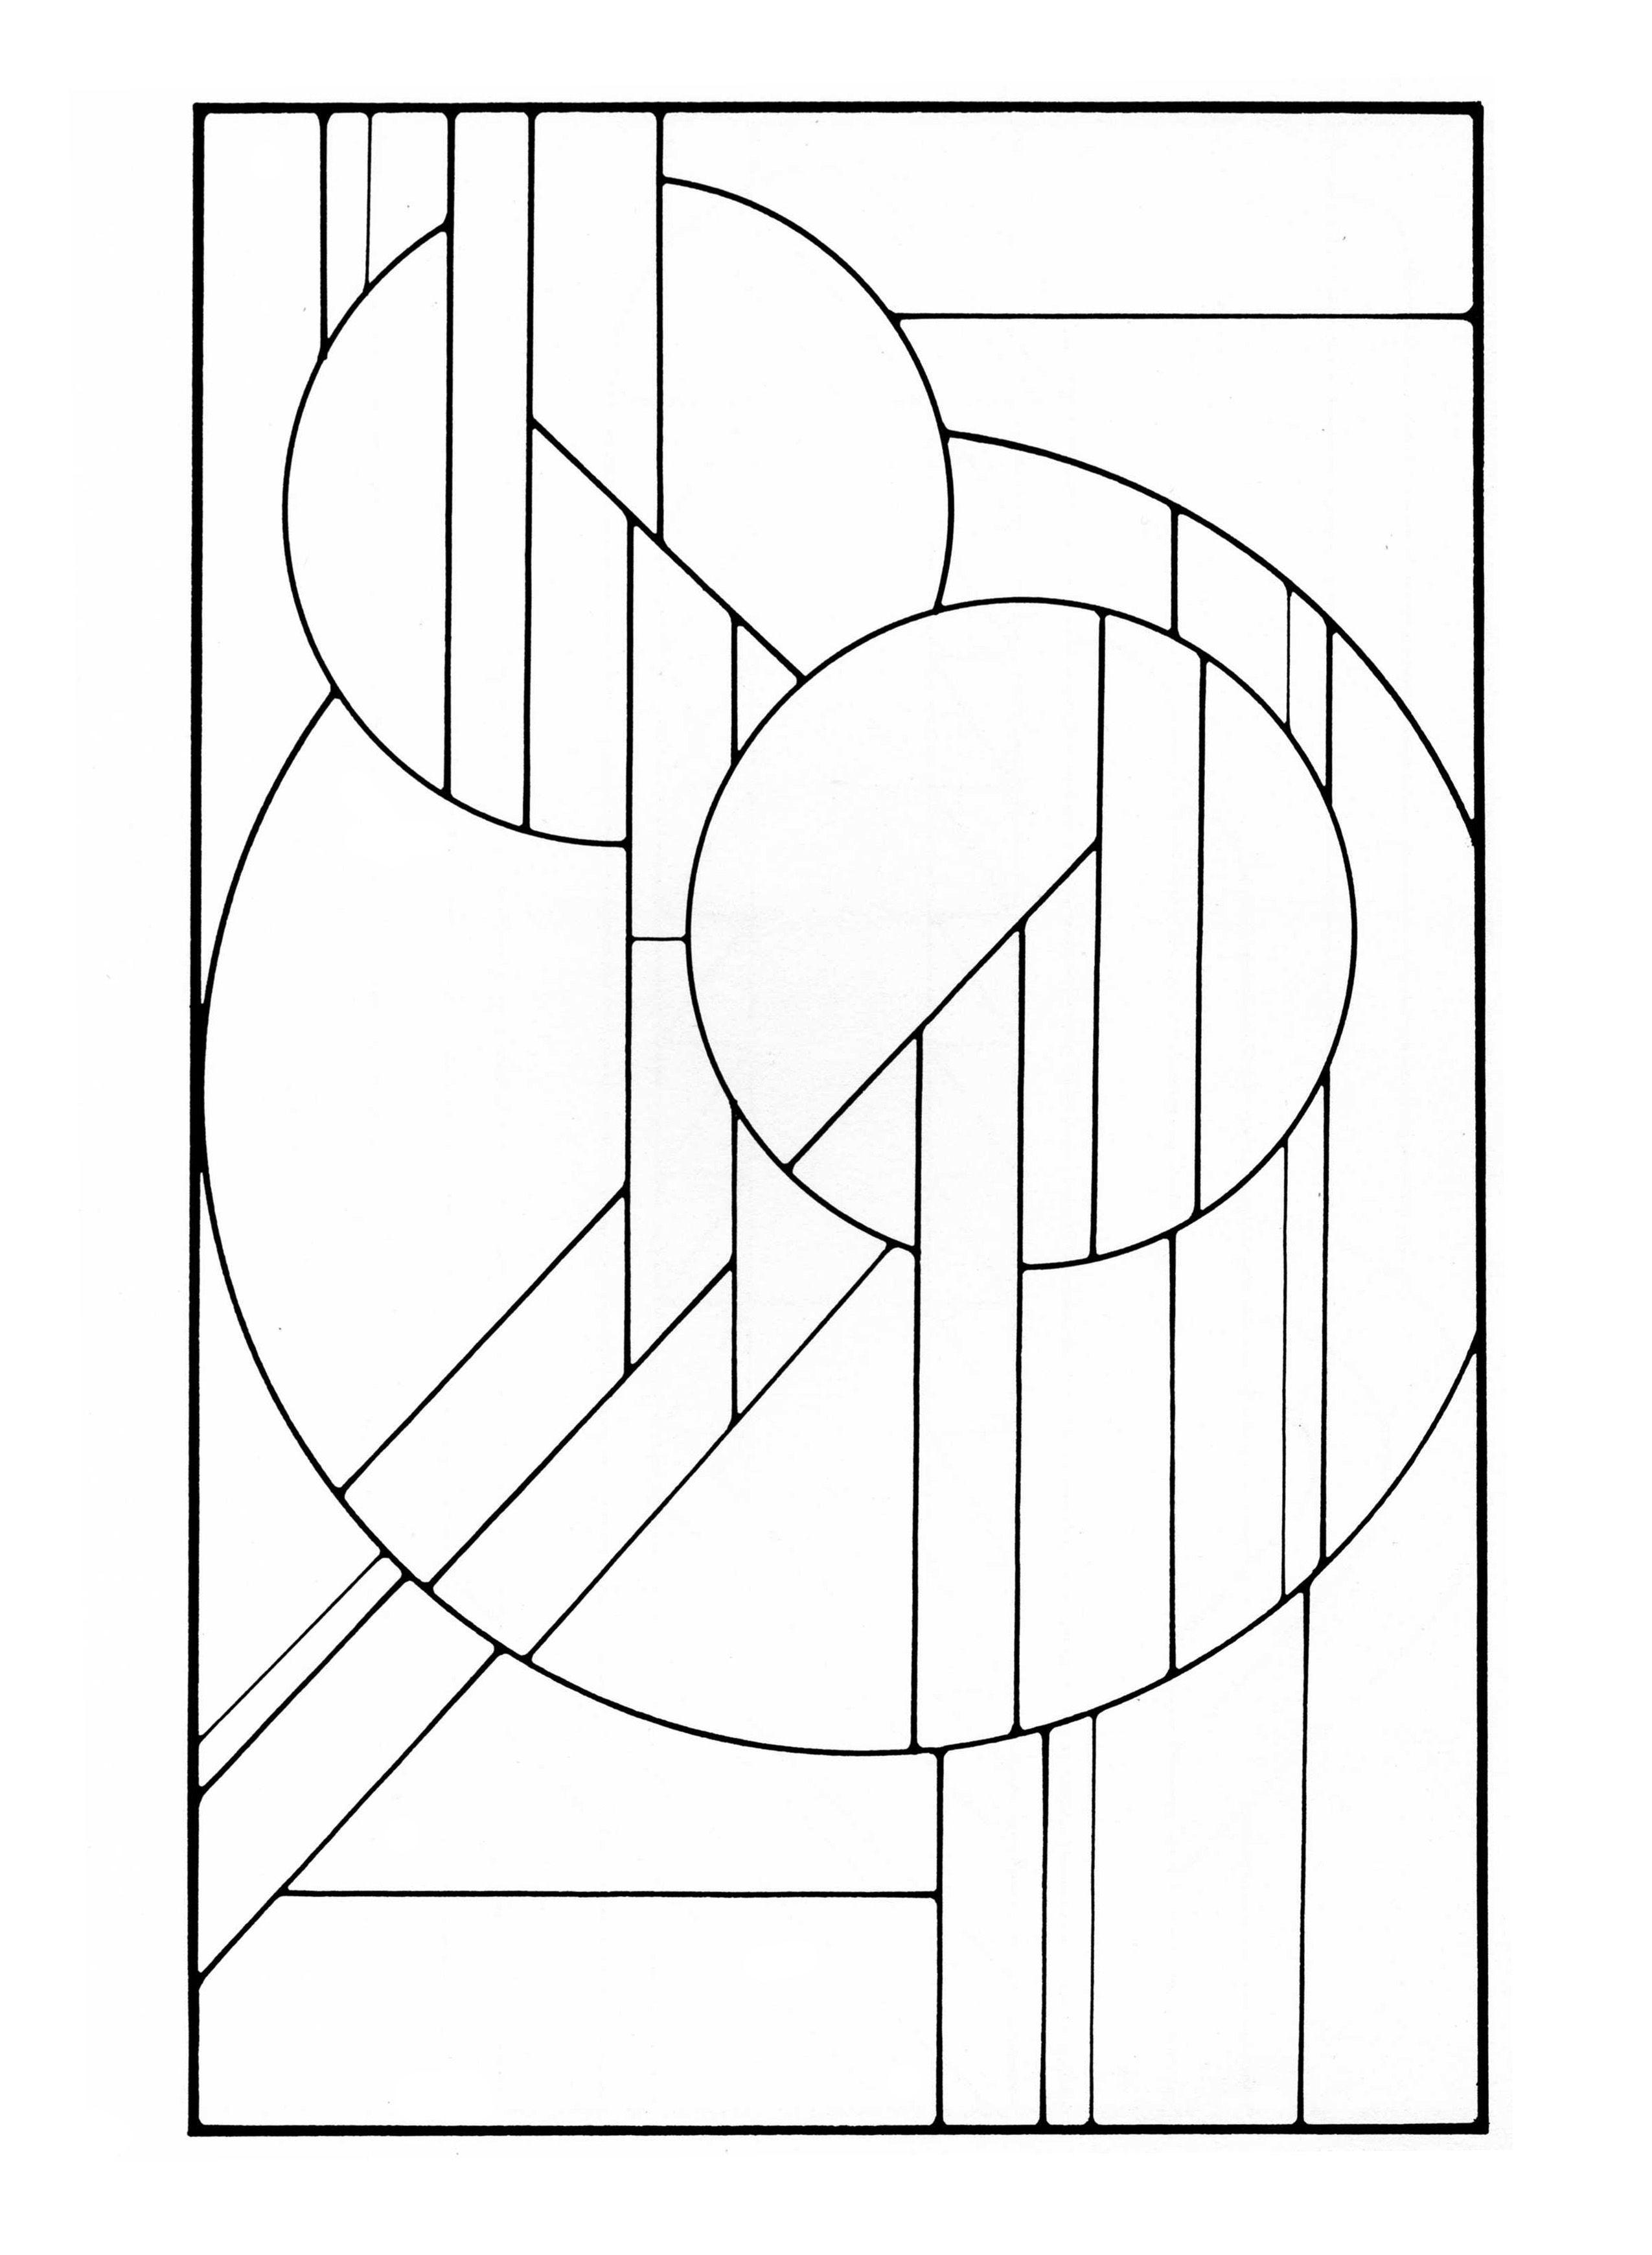 Pin De Beatriz Teresa Finimundy Em Arte Com Imagens Desenho De